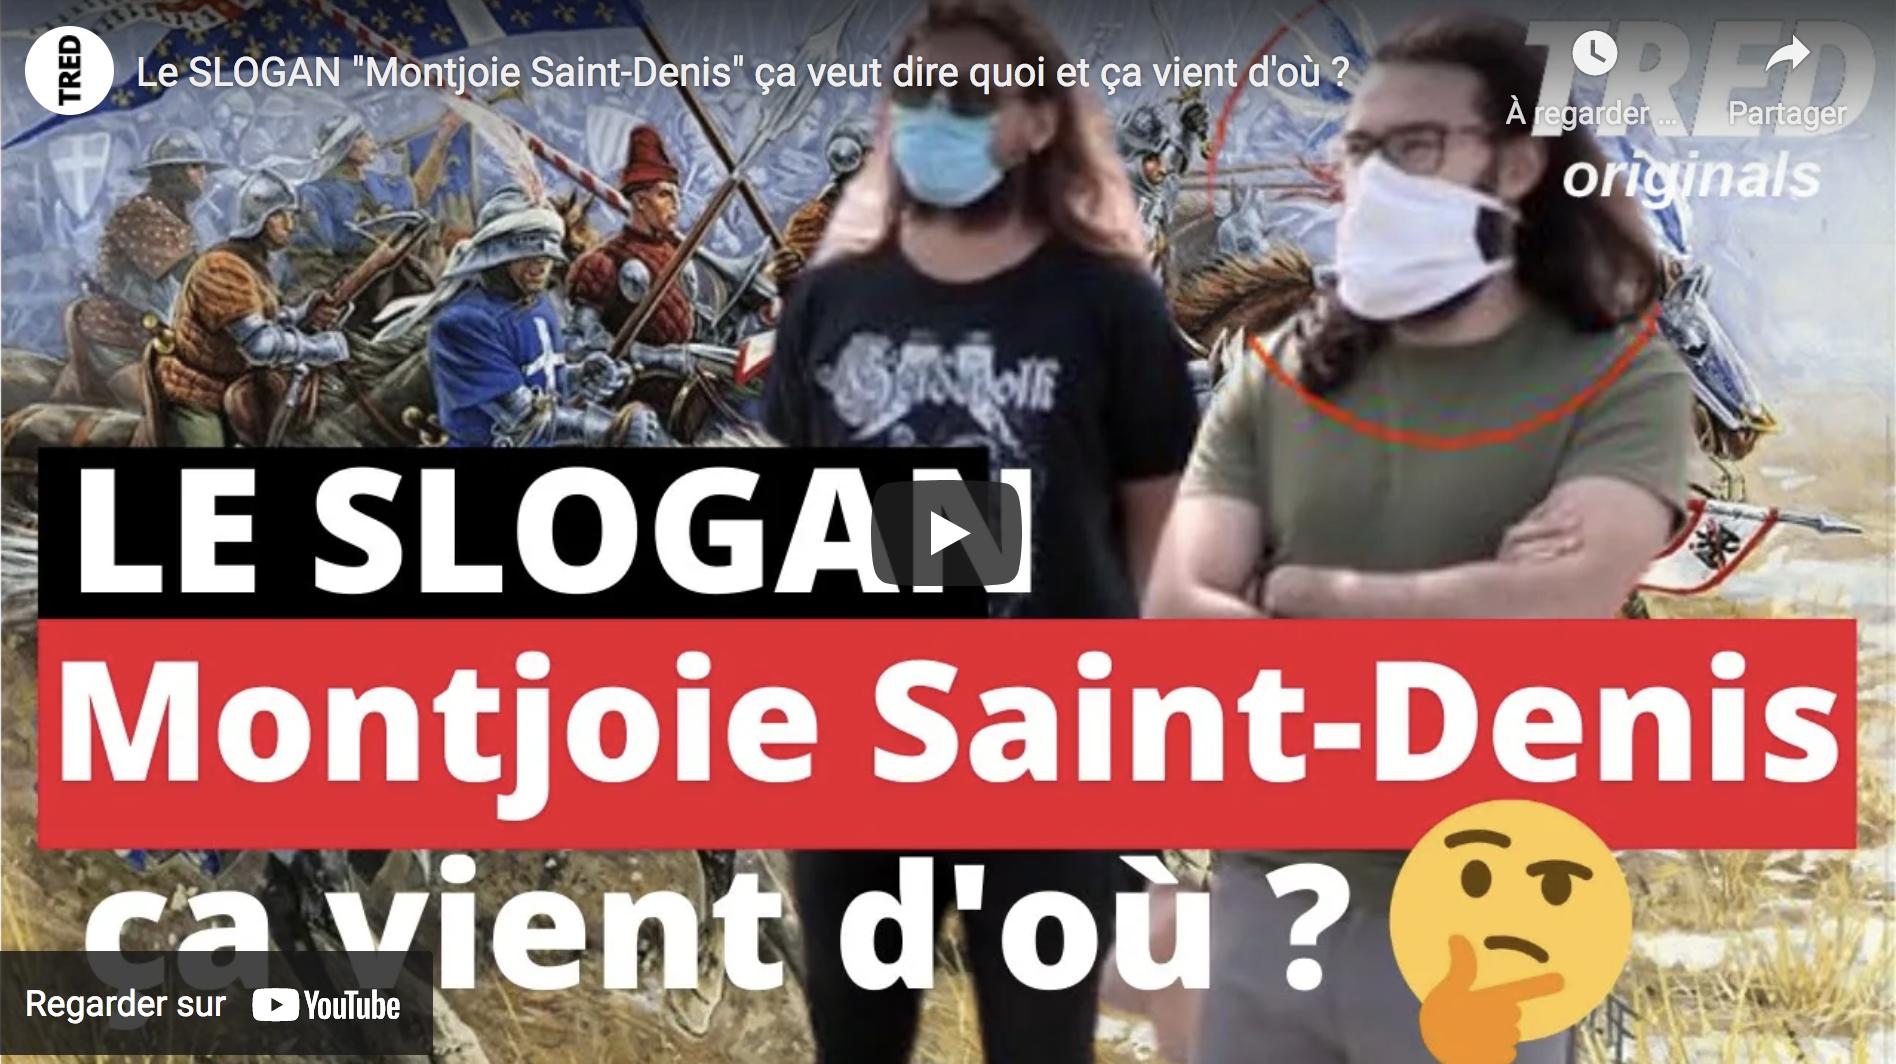 """Le slogan """"Montjoie Saint-Denis"""" ça veut dire quoi et ça vient d'où ?"""